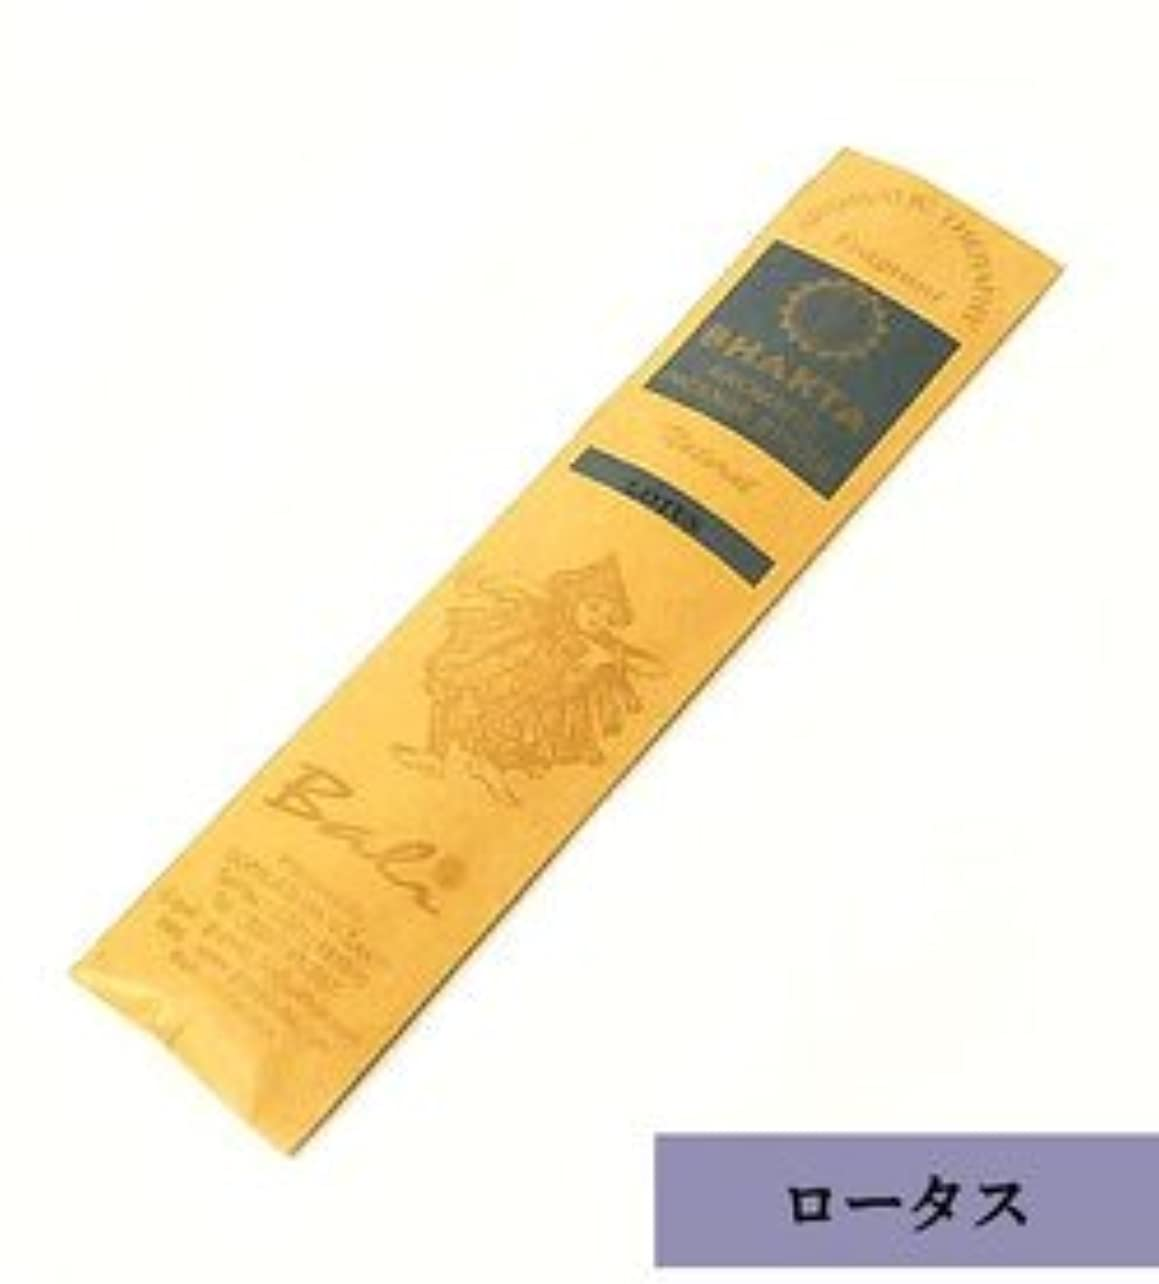 セラー怠感もしバリのお香 BHAKTA 【ロータス】 LOTUS ロングスティック 20本入り アジアン雑貨